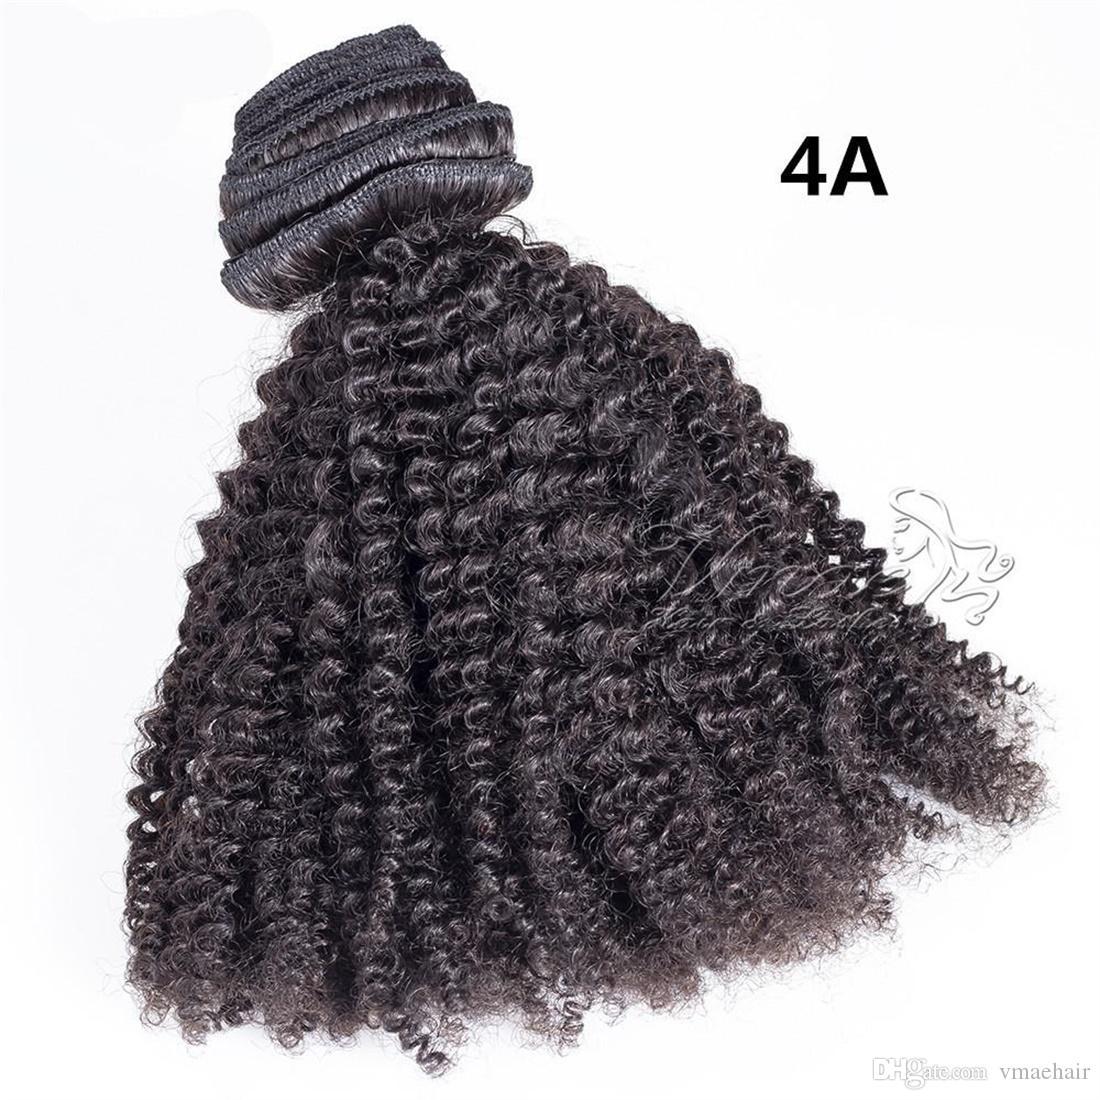 120g 140g 160g 자연 색상 표피 정렬에서 유행 페루 버진 인간의 머리카락 확장 아프리카 곱슬 변태 직선 4A 클립